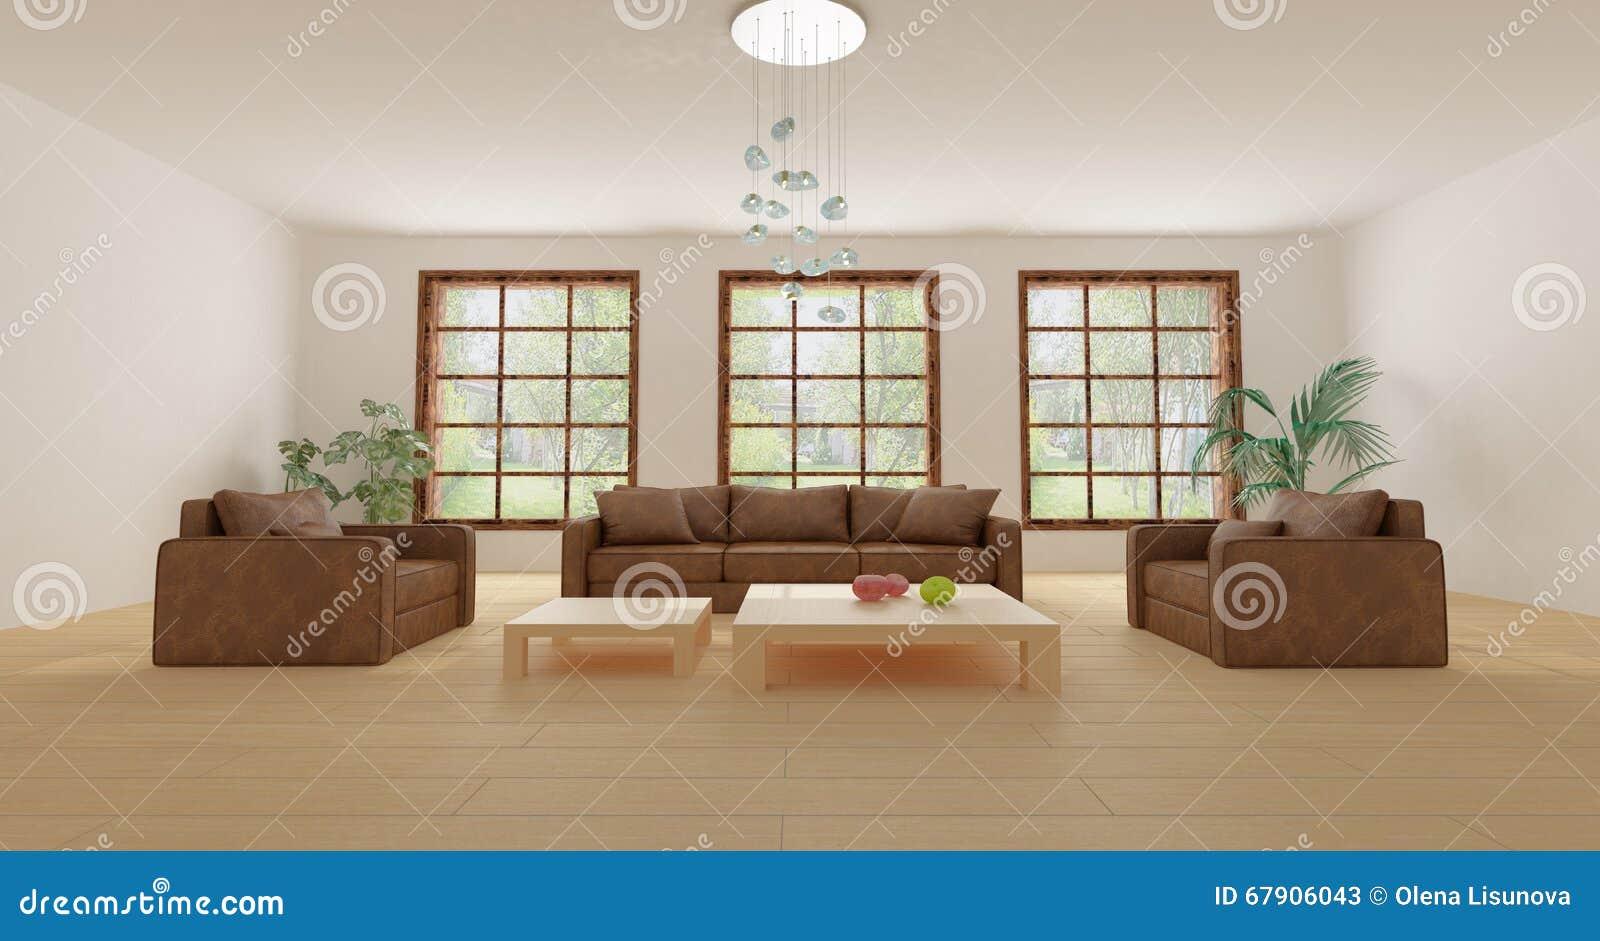 Meubles en cuir dans le salon moderne vide avec des usines ...